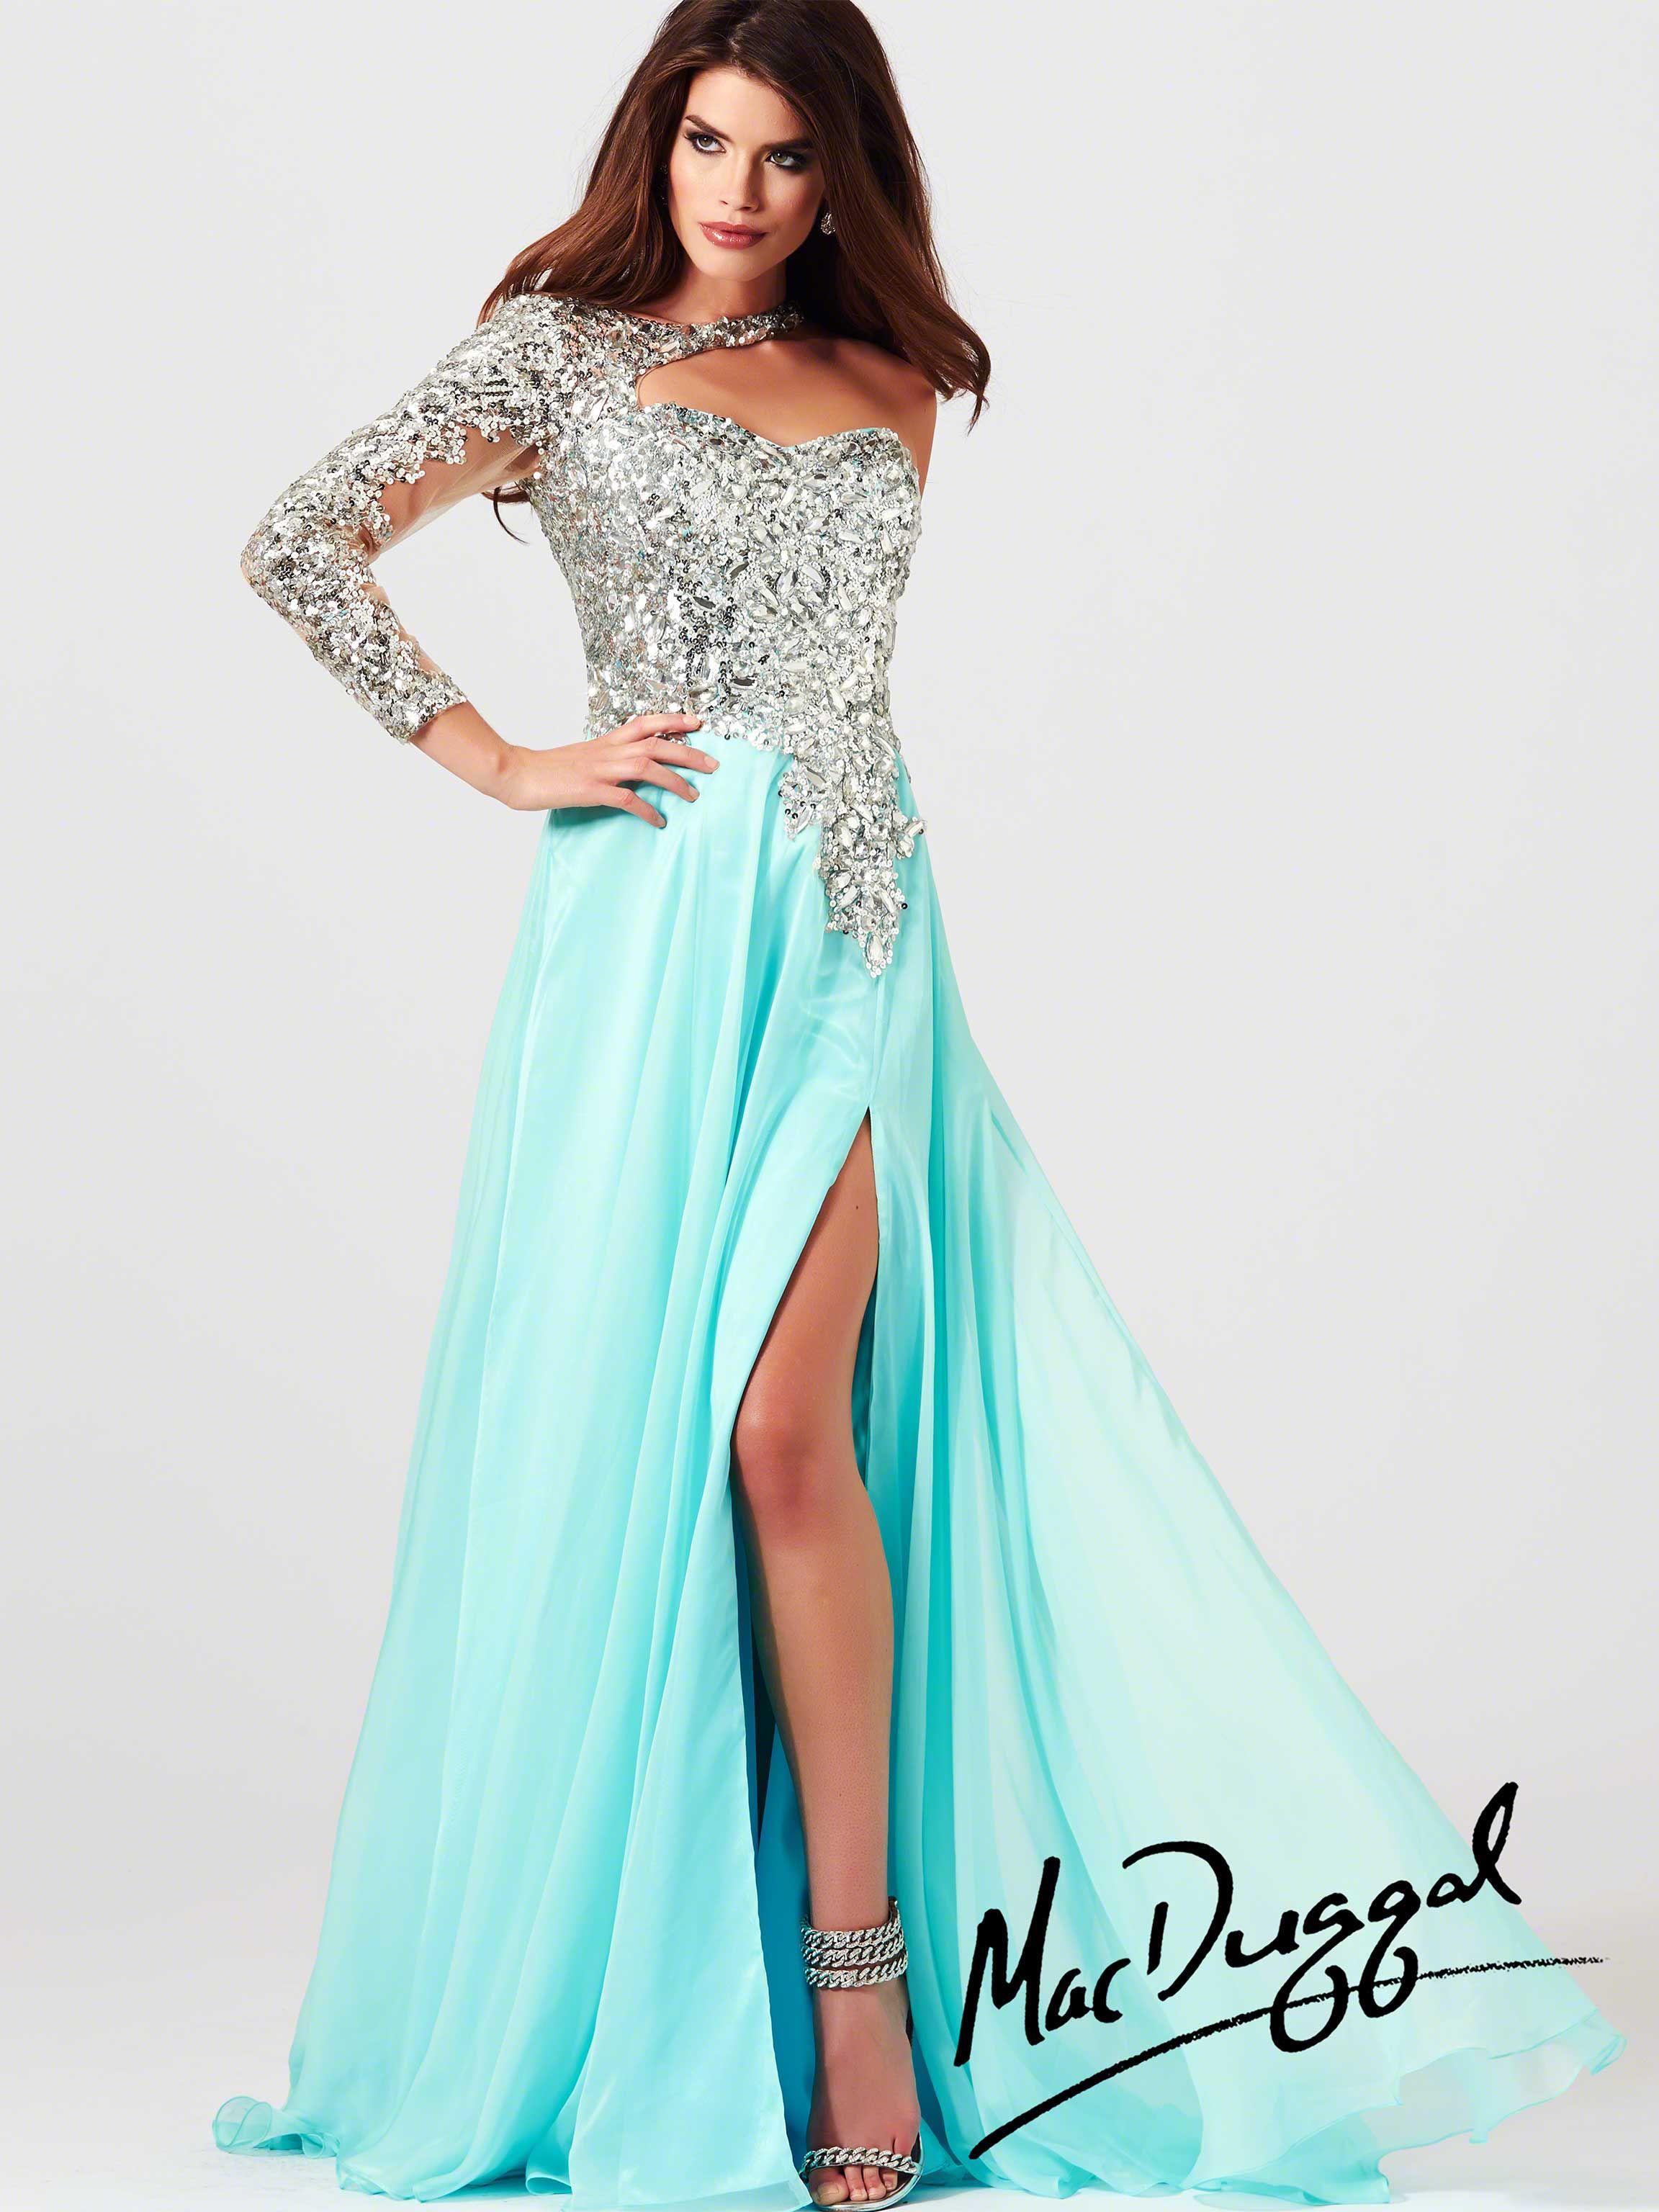 Amazing Dresses For Prom 2014 Ideas - Wedding Ideas - memiocall.com